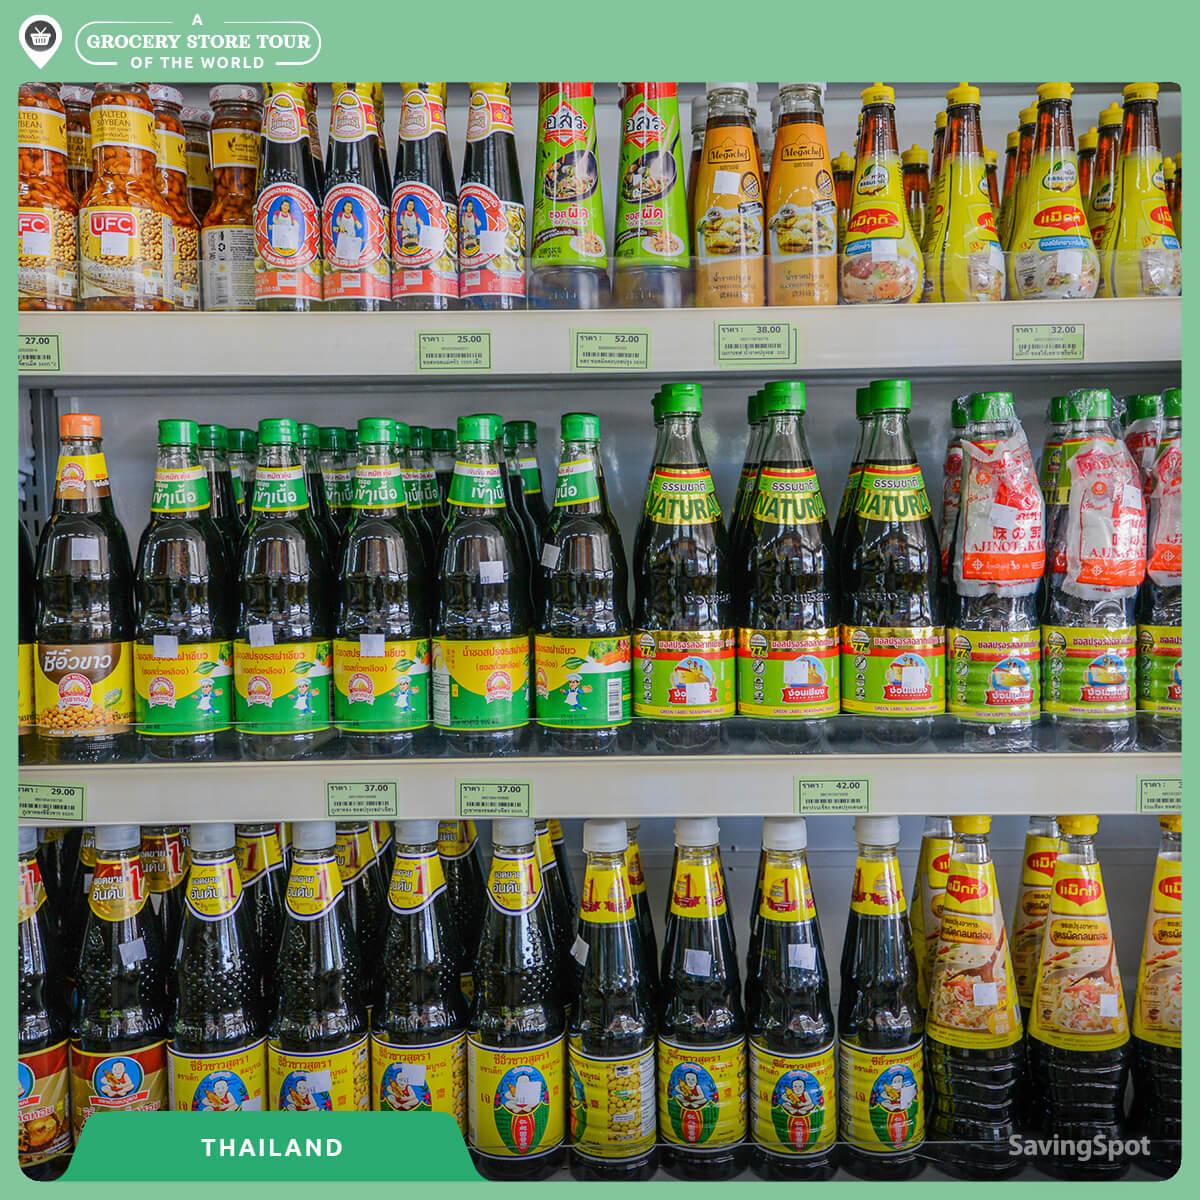 Η μεγάλη ποικιλία σε σάλτσες στην Ταϊλάνδη. Φωτογραφία: SavingSpot